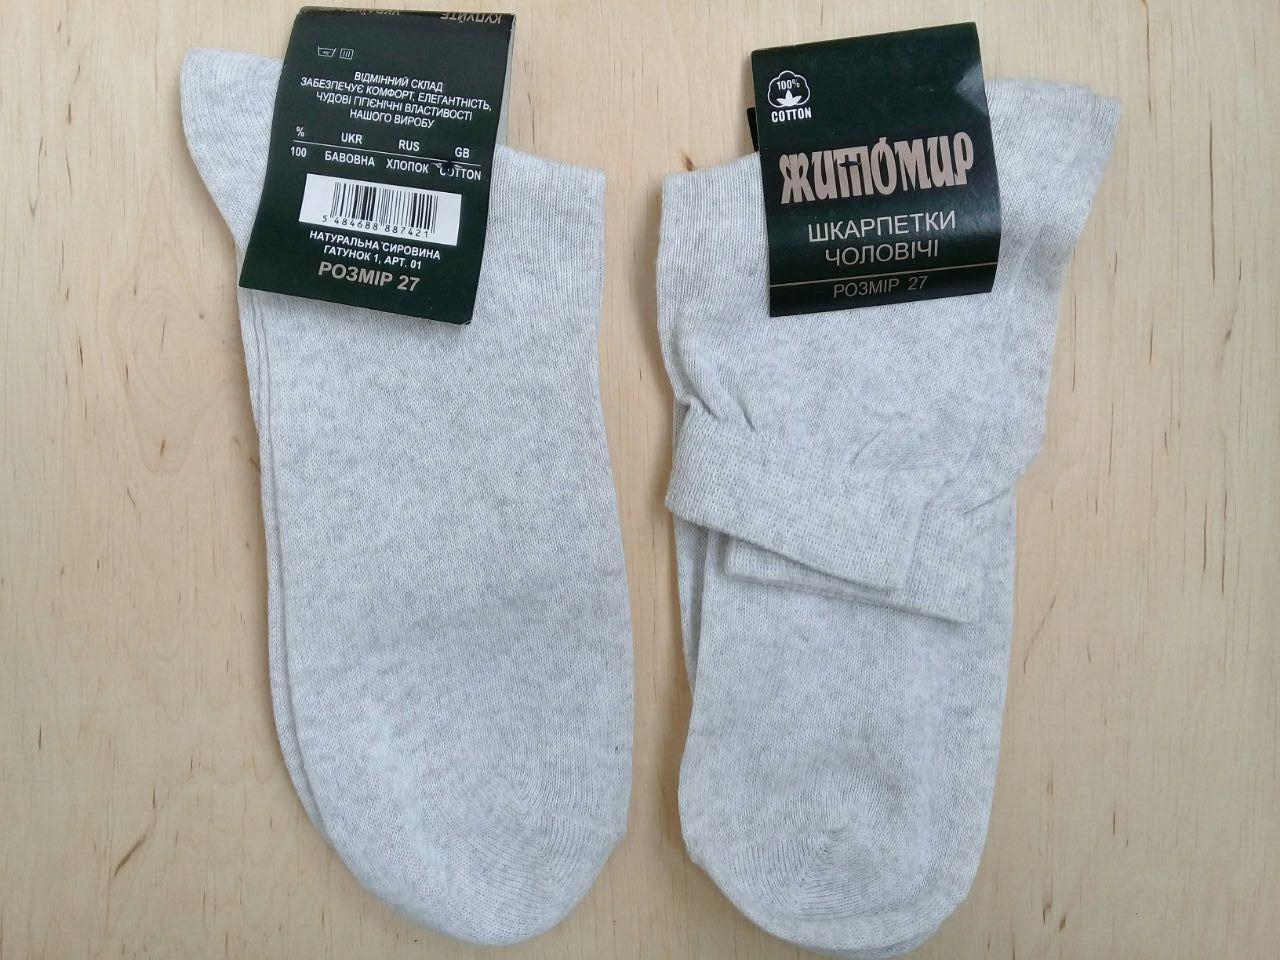 Носки мужские высокие 100% хлопок Житомир светло серые 27 размер